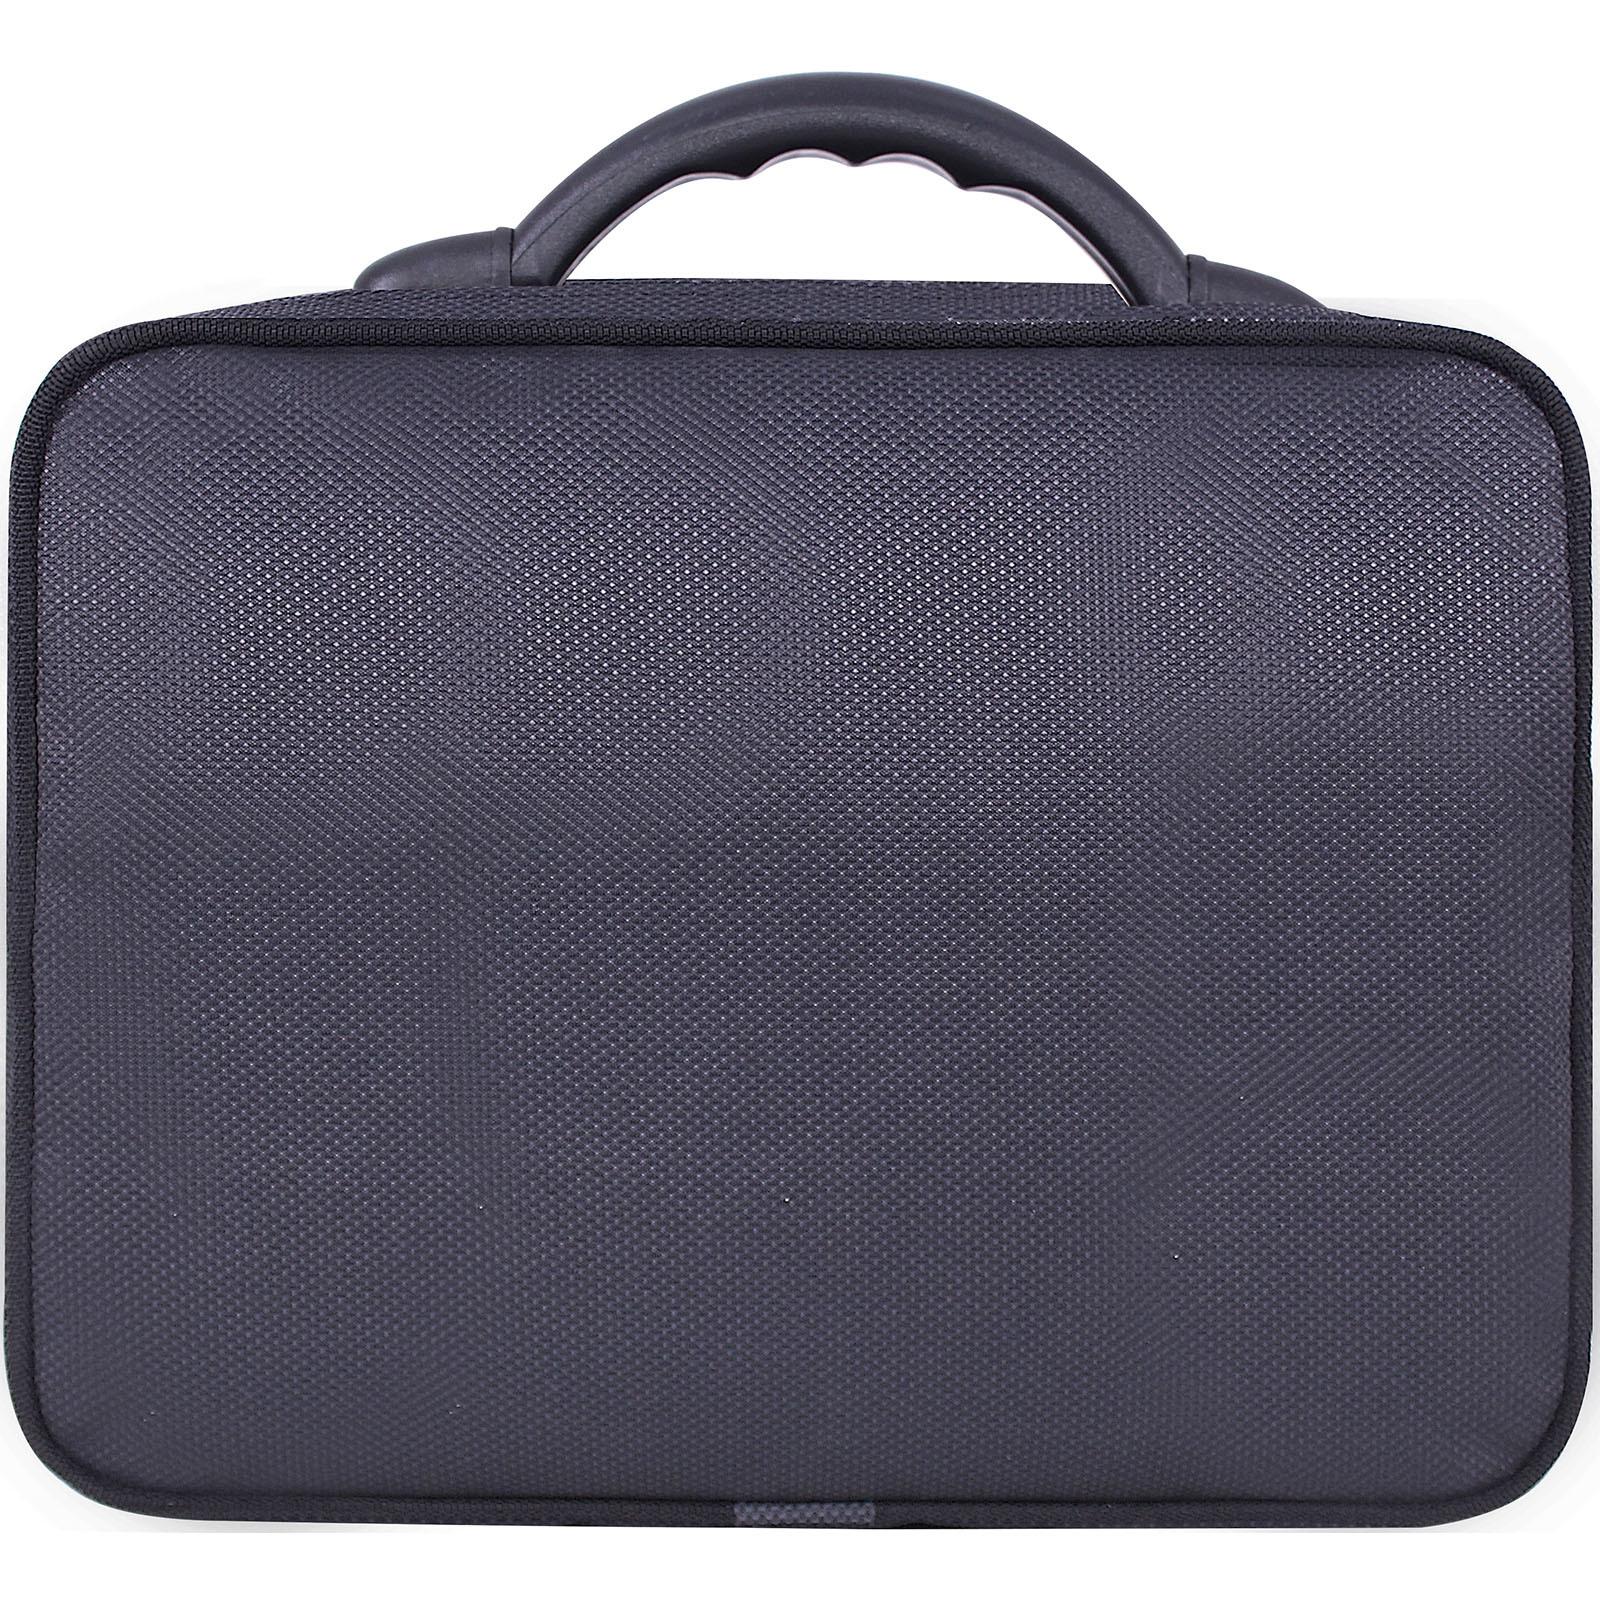 Мужская сумка Bagland Mr.Cool 15 л. Чёрный (00251169) фото 4